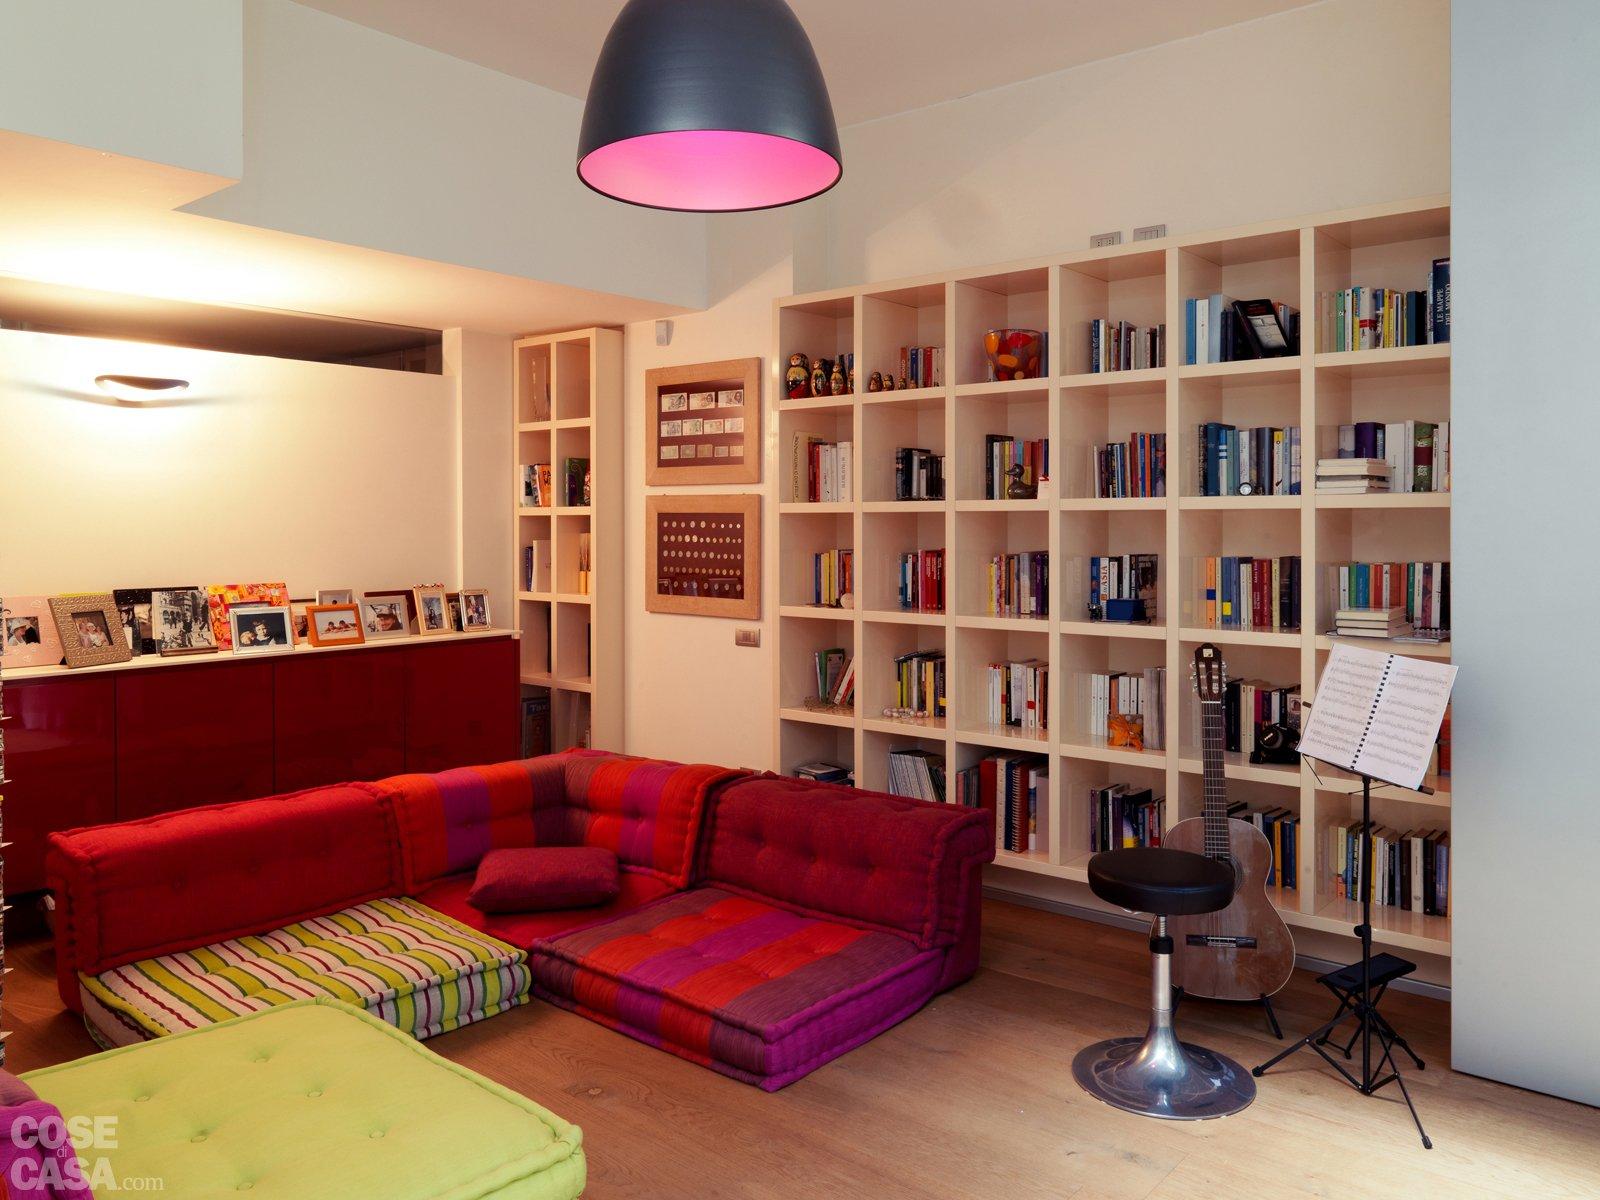 Forum un consiglio per ingresso soggiorno con sottoscala - Consiglio divano ...